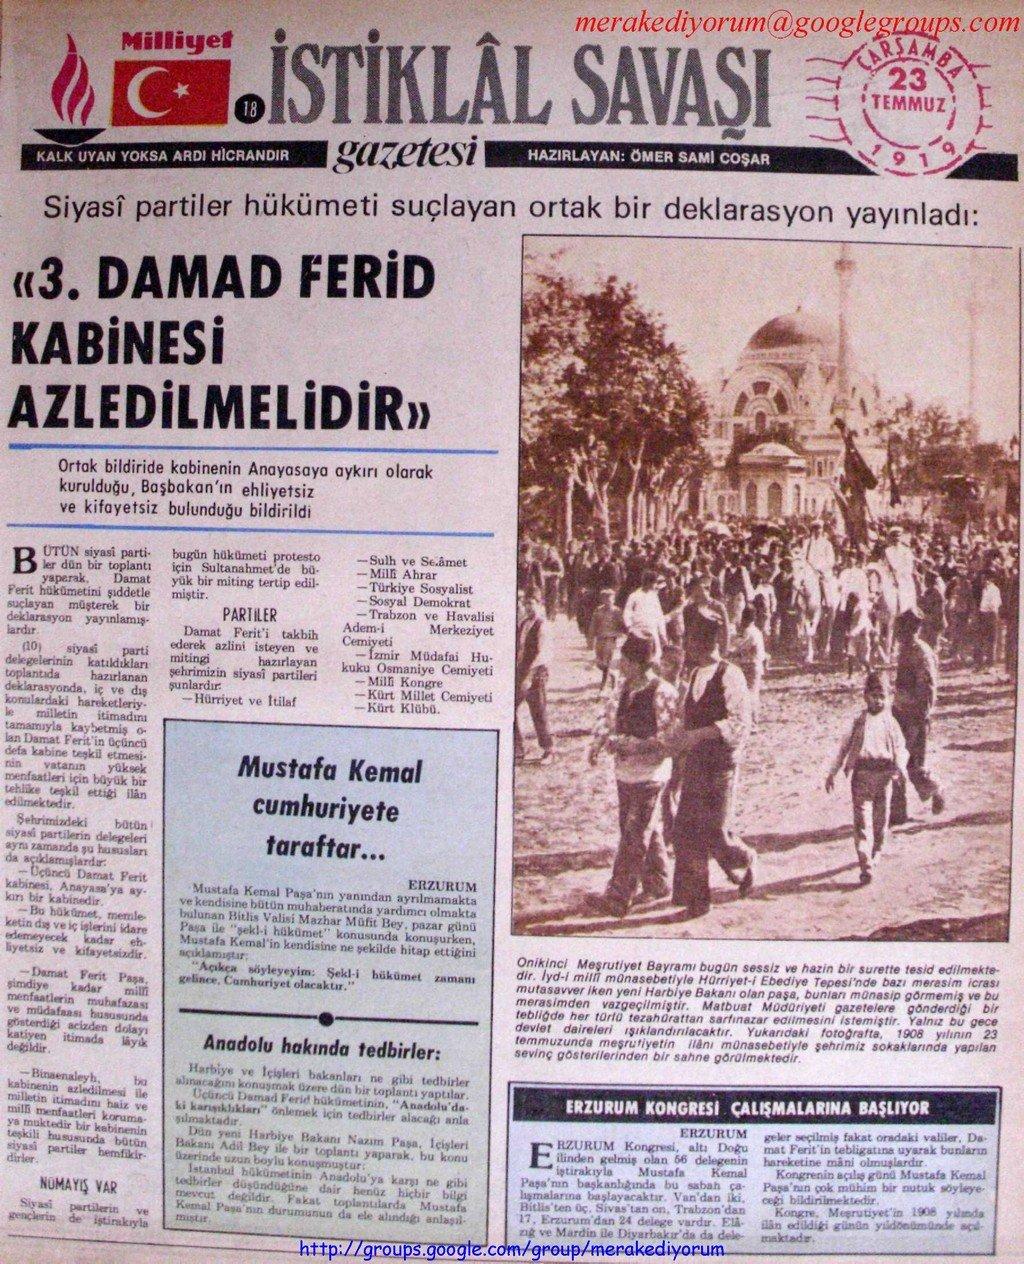 istiklal savaşı gazetesi - 23 temmuz 1919